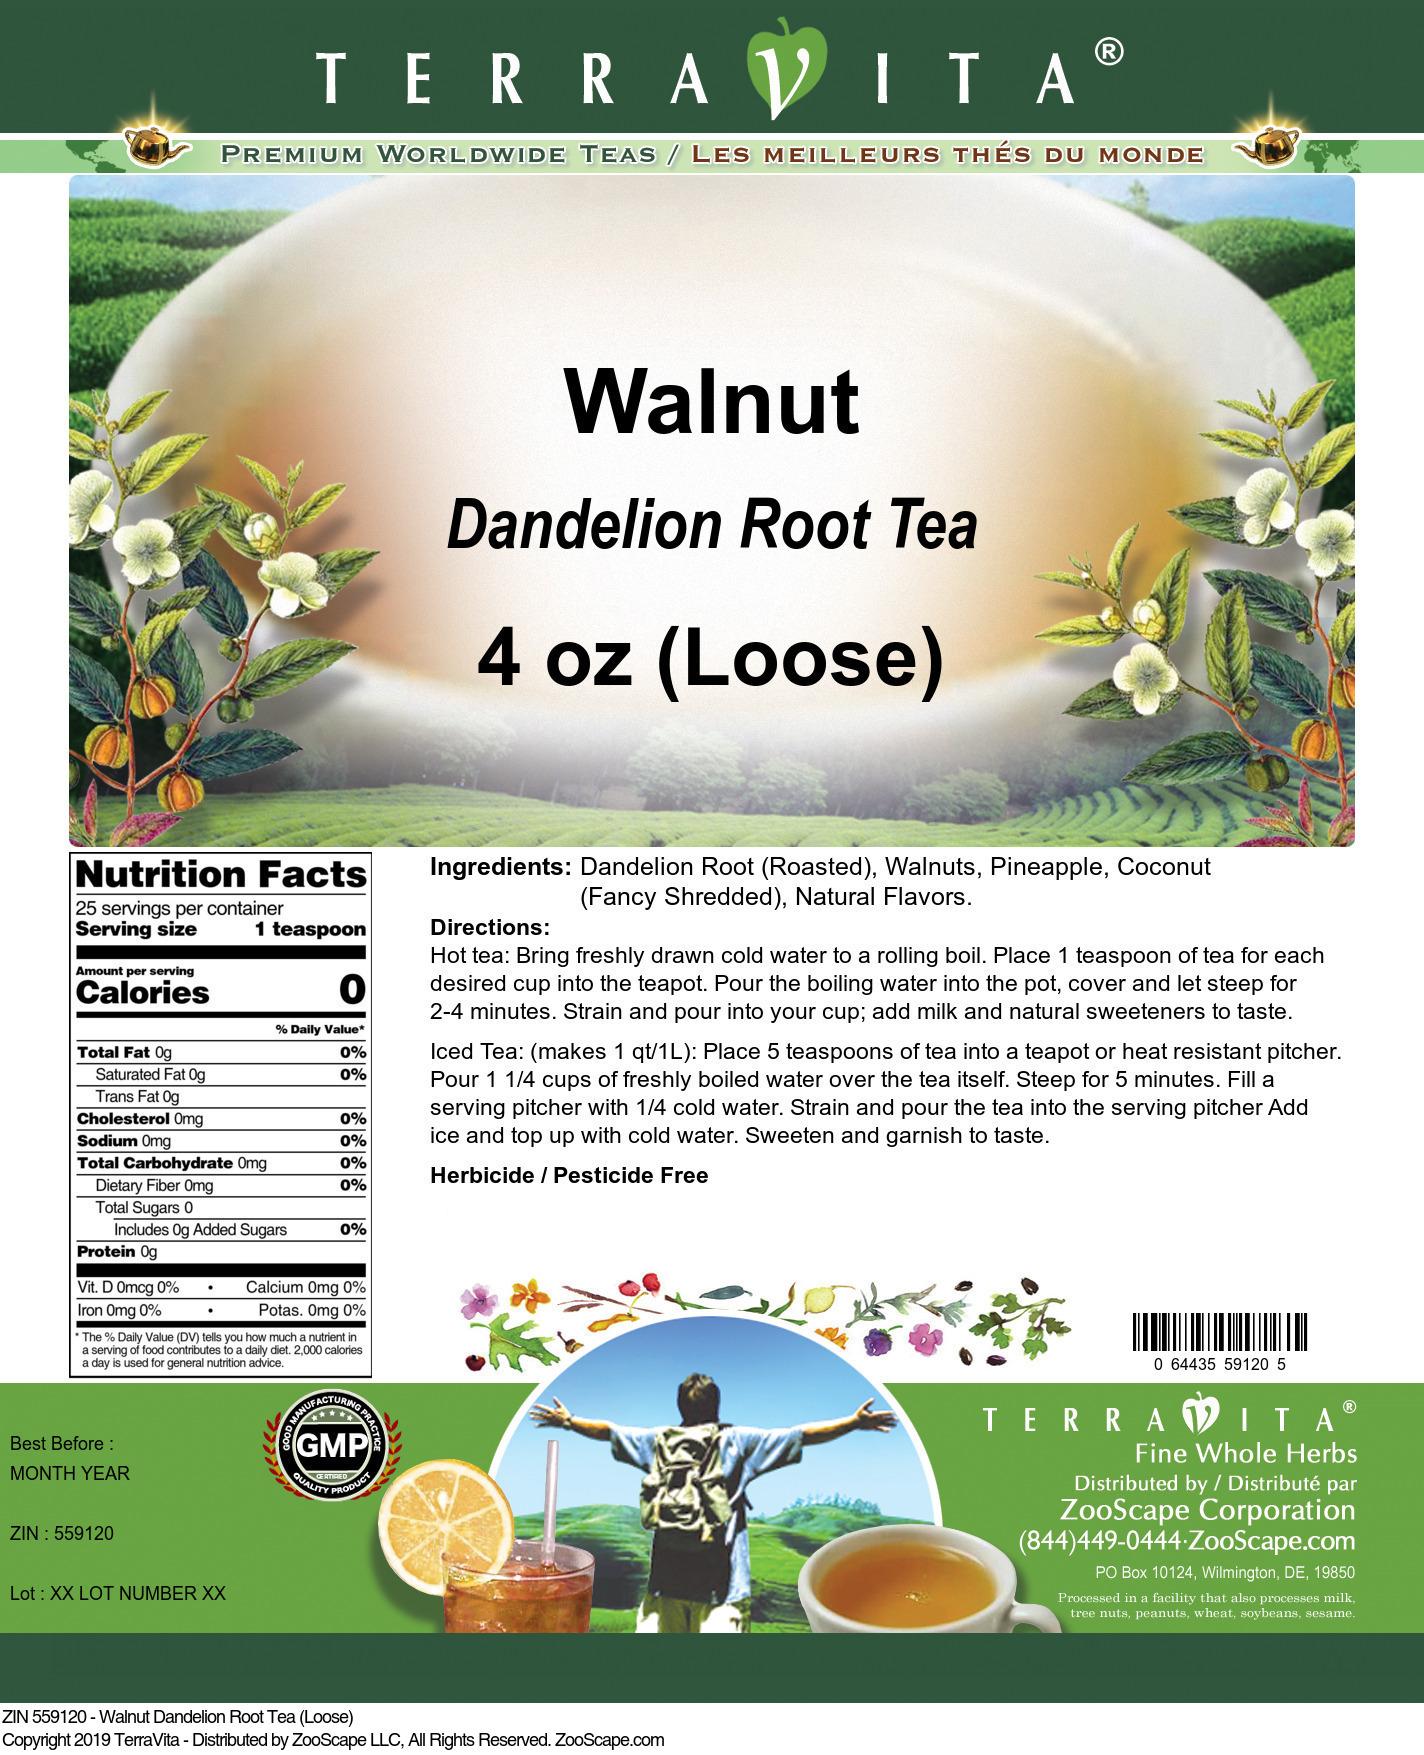 Walnut Dandelion Root